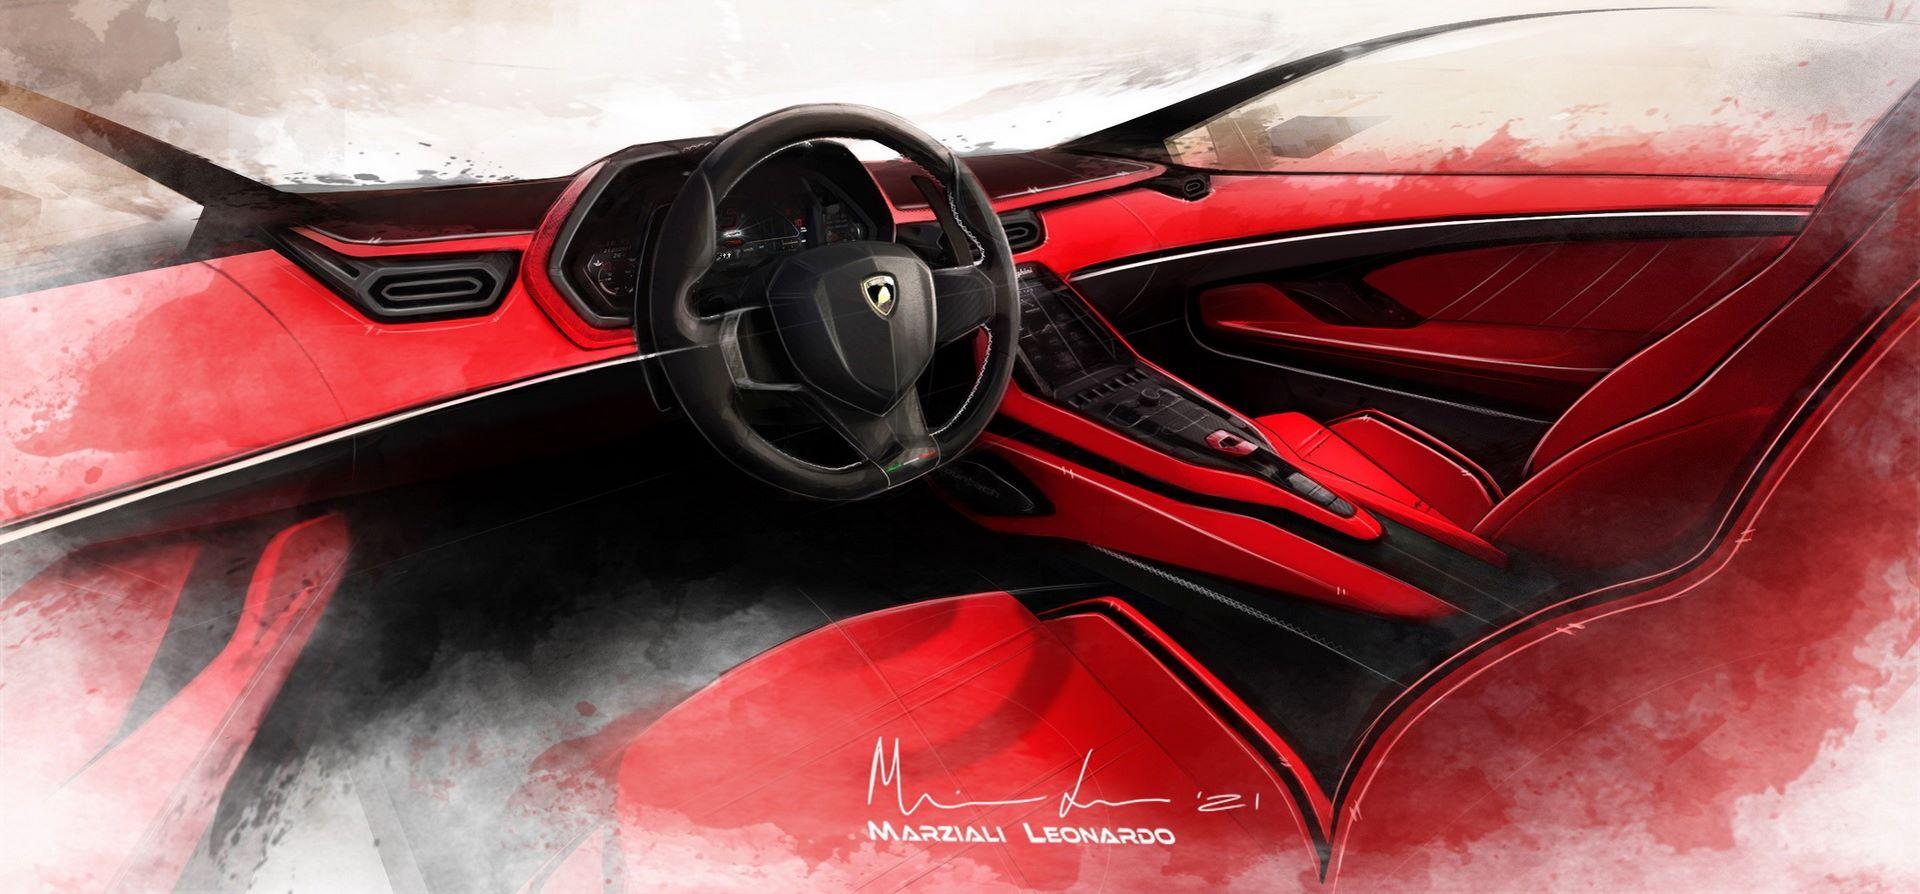 Lamborghini-Countach-LPI-800-4-113